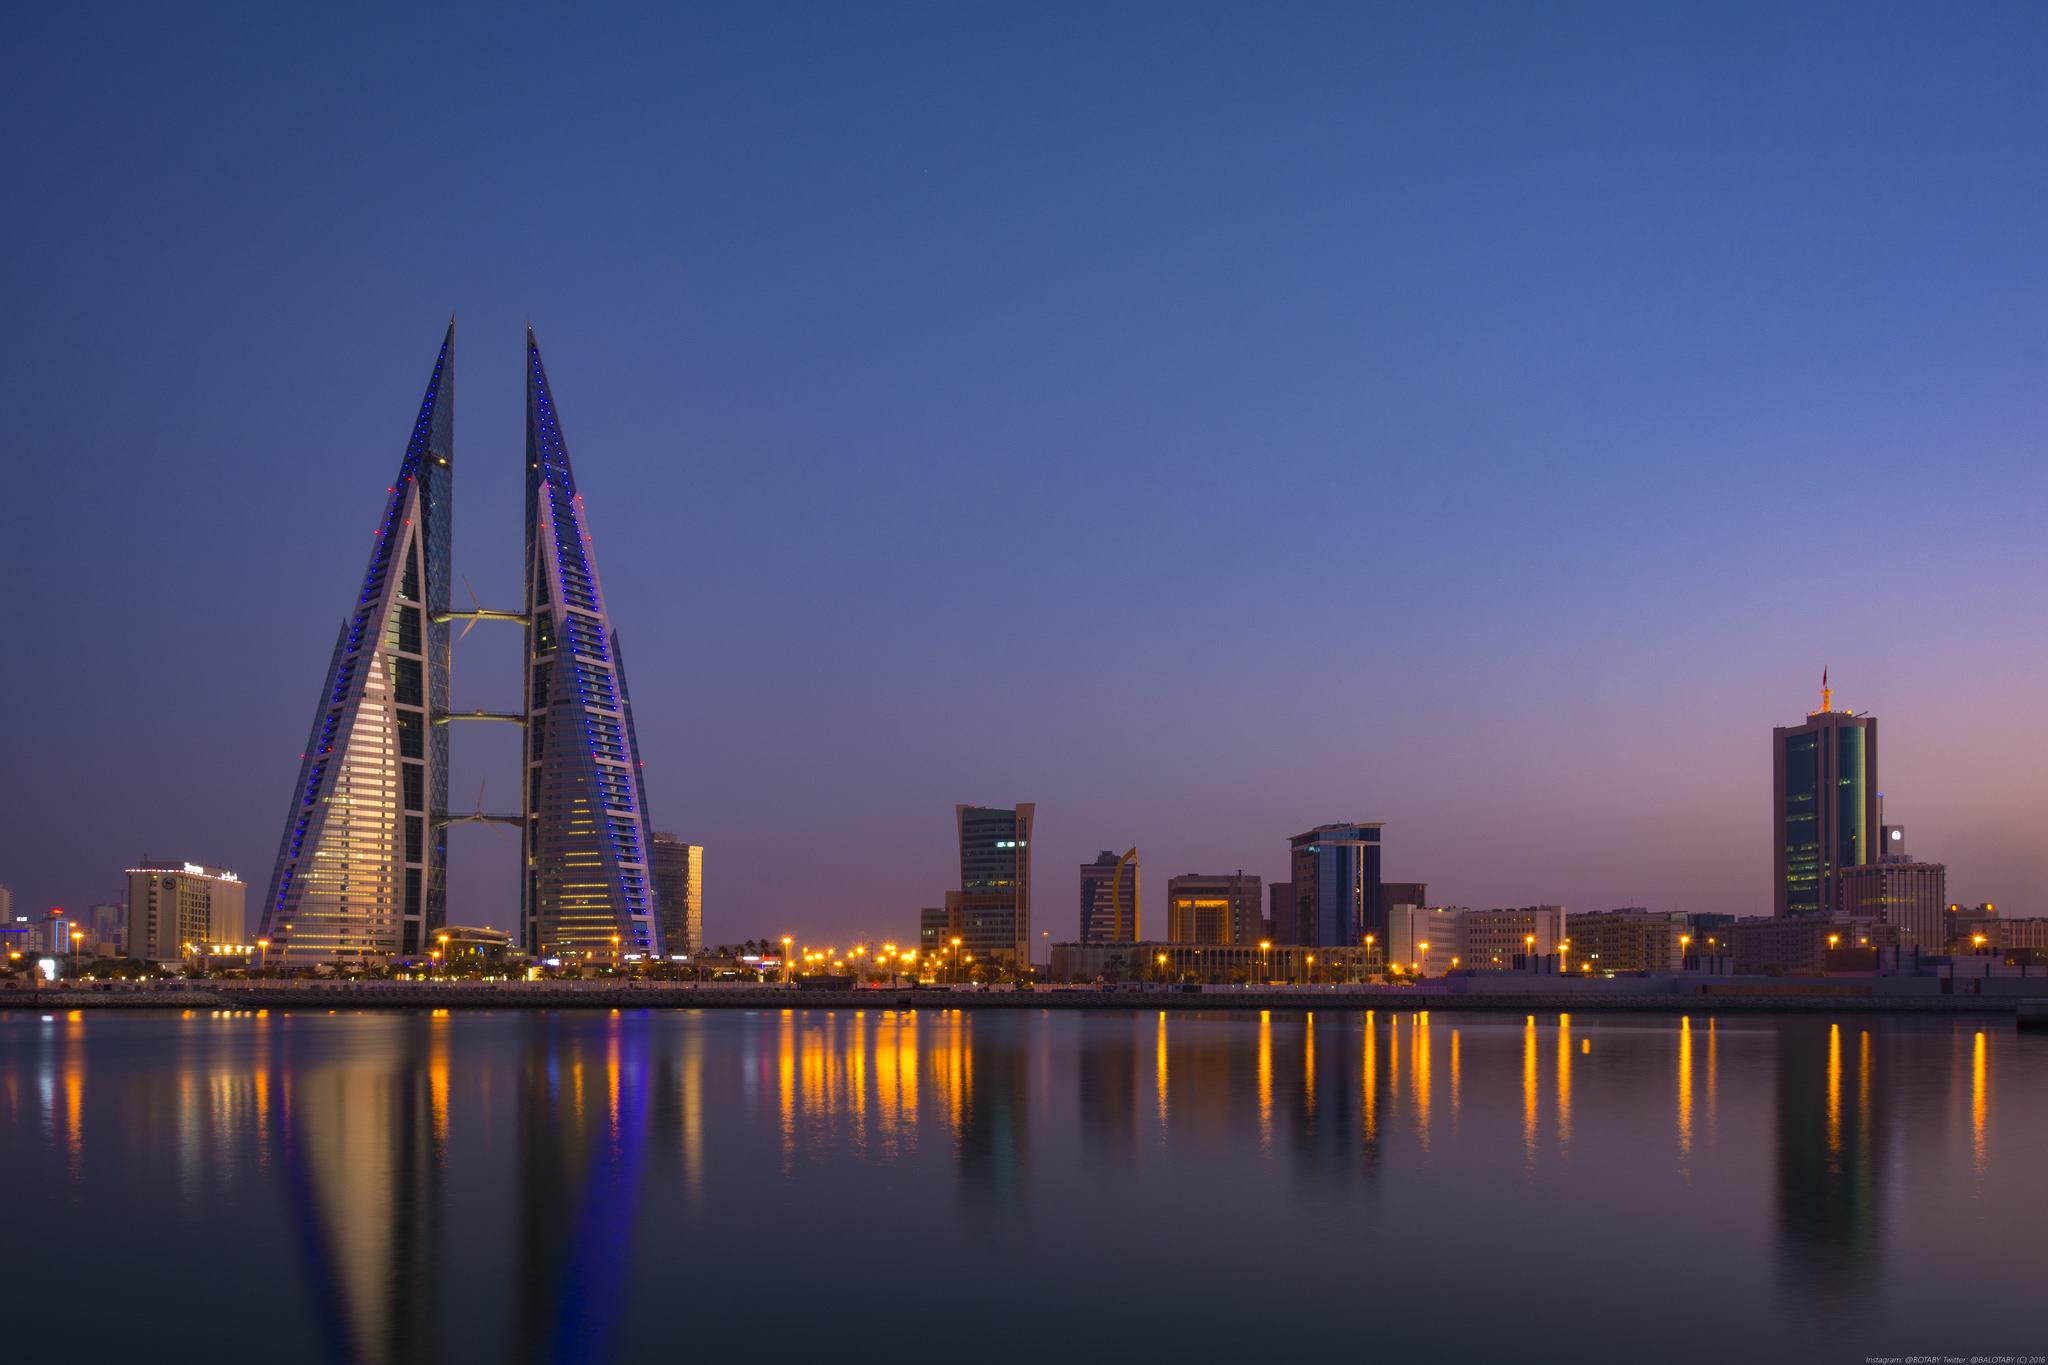 File:Bahrain World trade Center .jpg - Wikimedia Commons